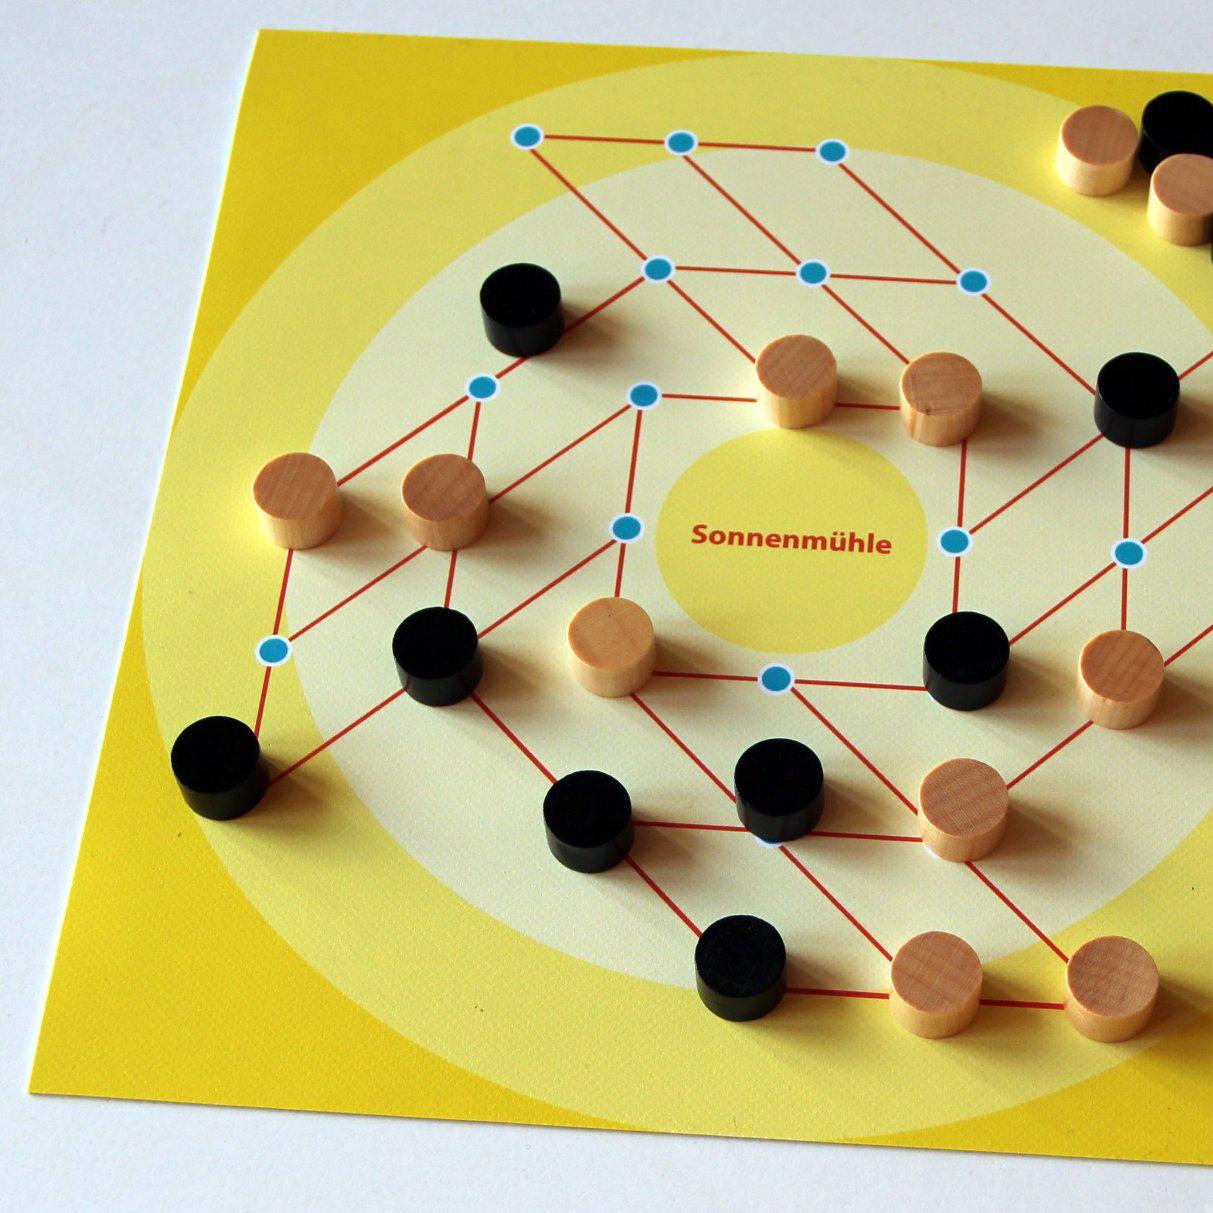 sonnenmühle-spiel-foto-spieltz-quadratisch